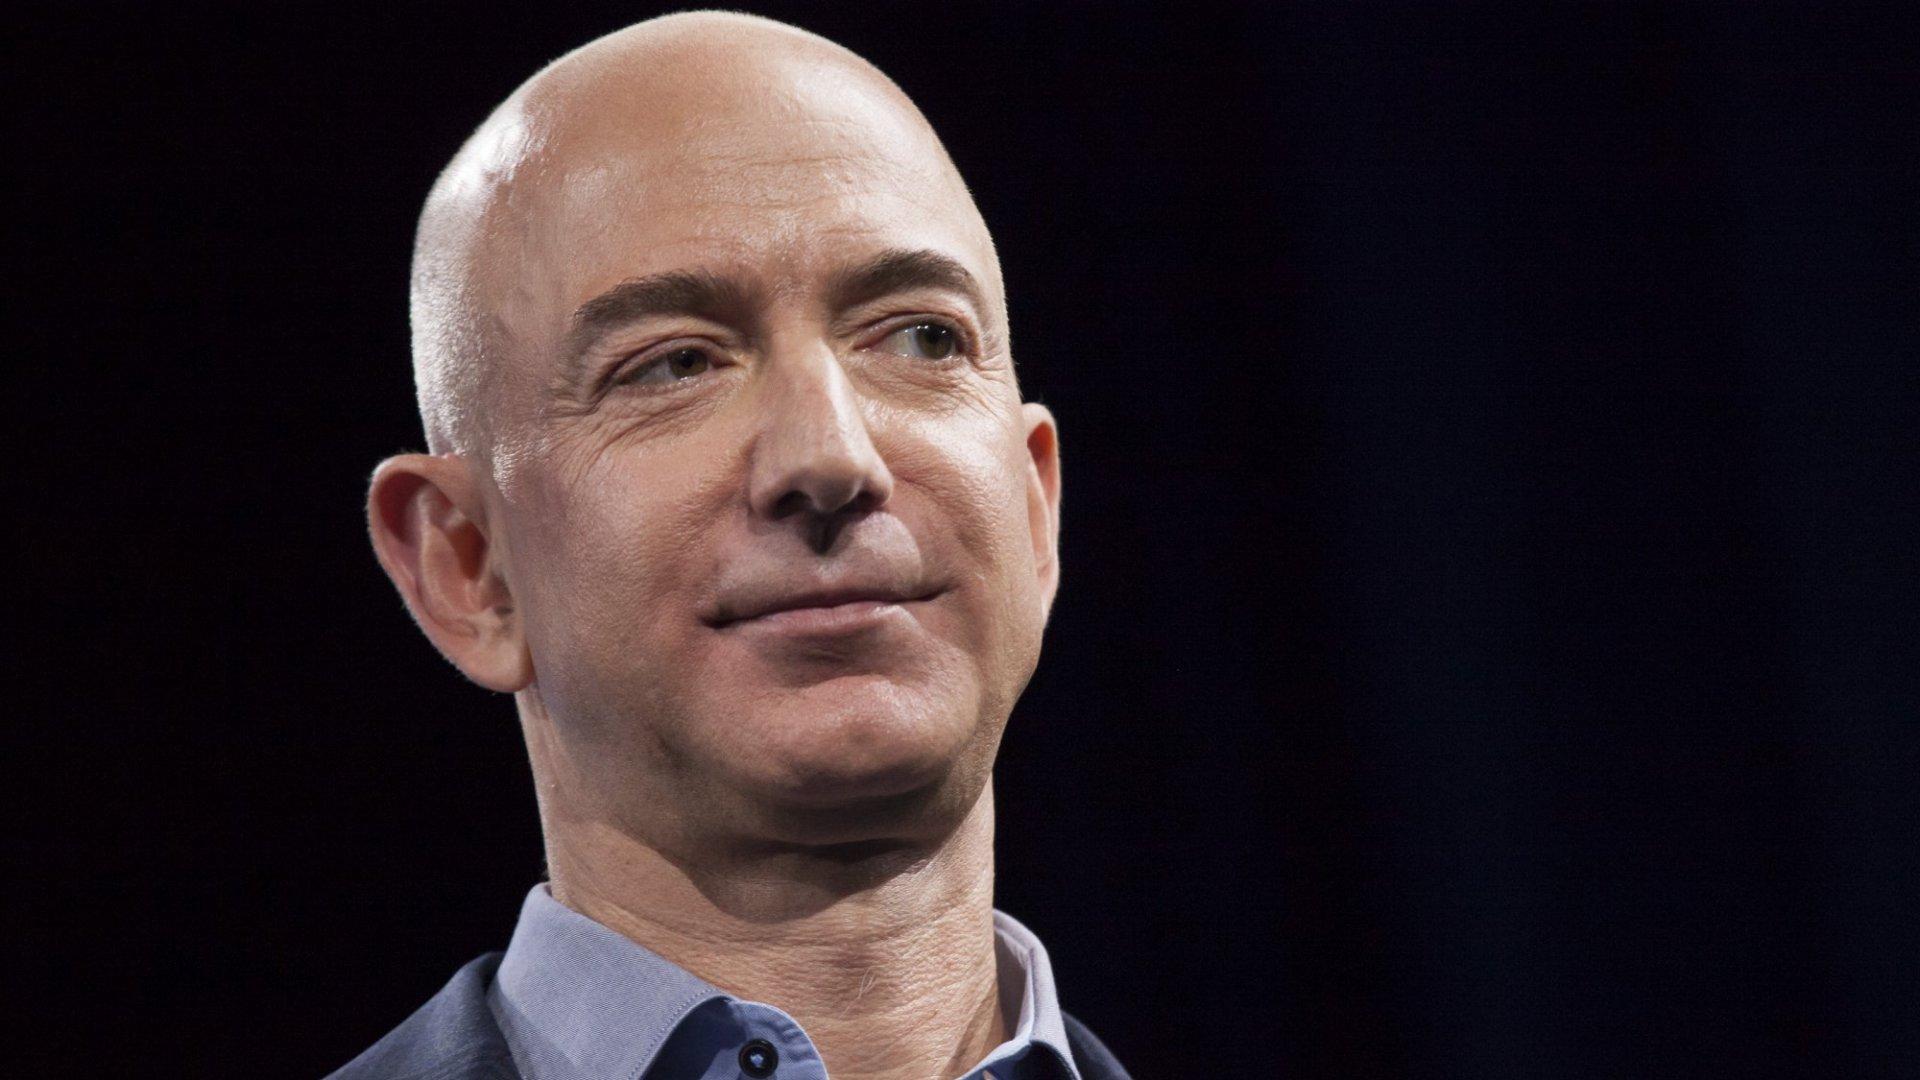 Amazon's Stock Price Has Soared. So Has Bezos's Worth